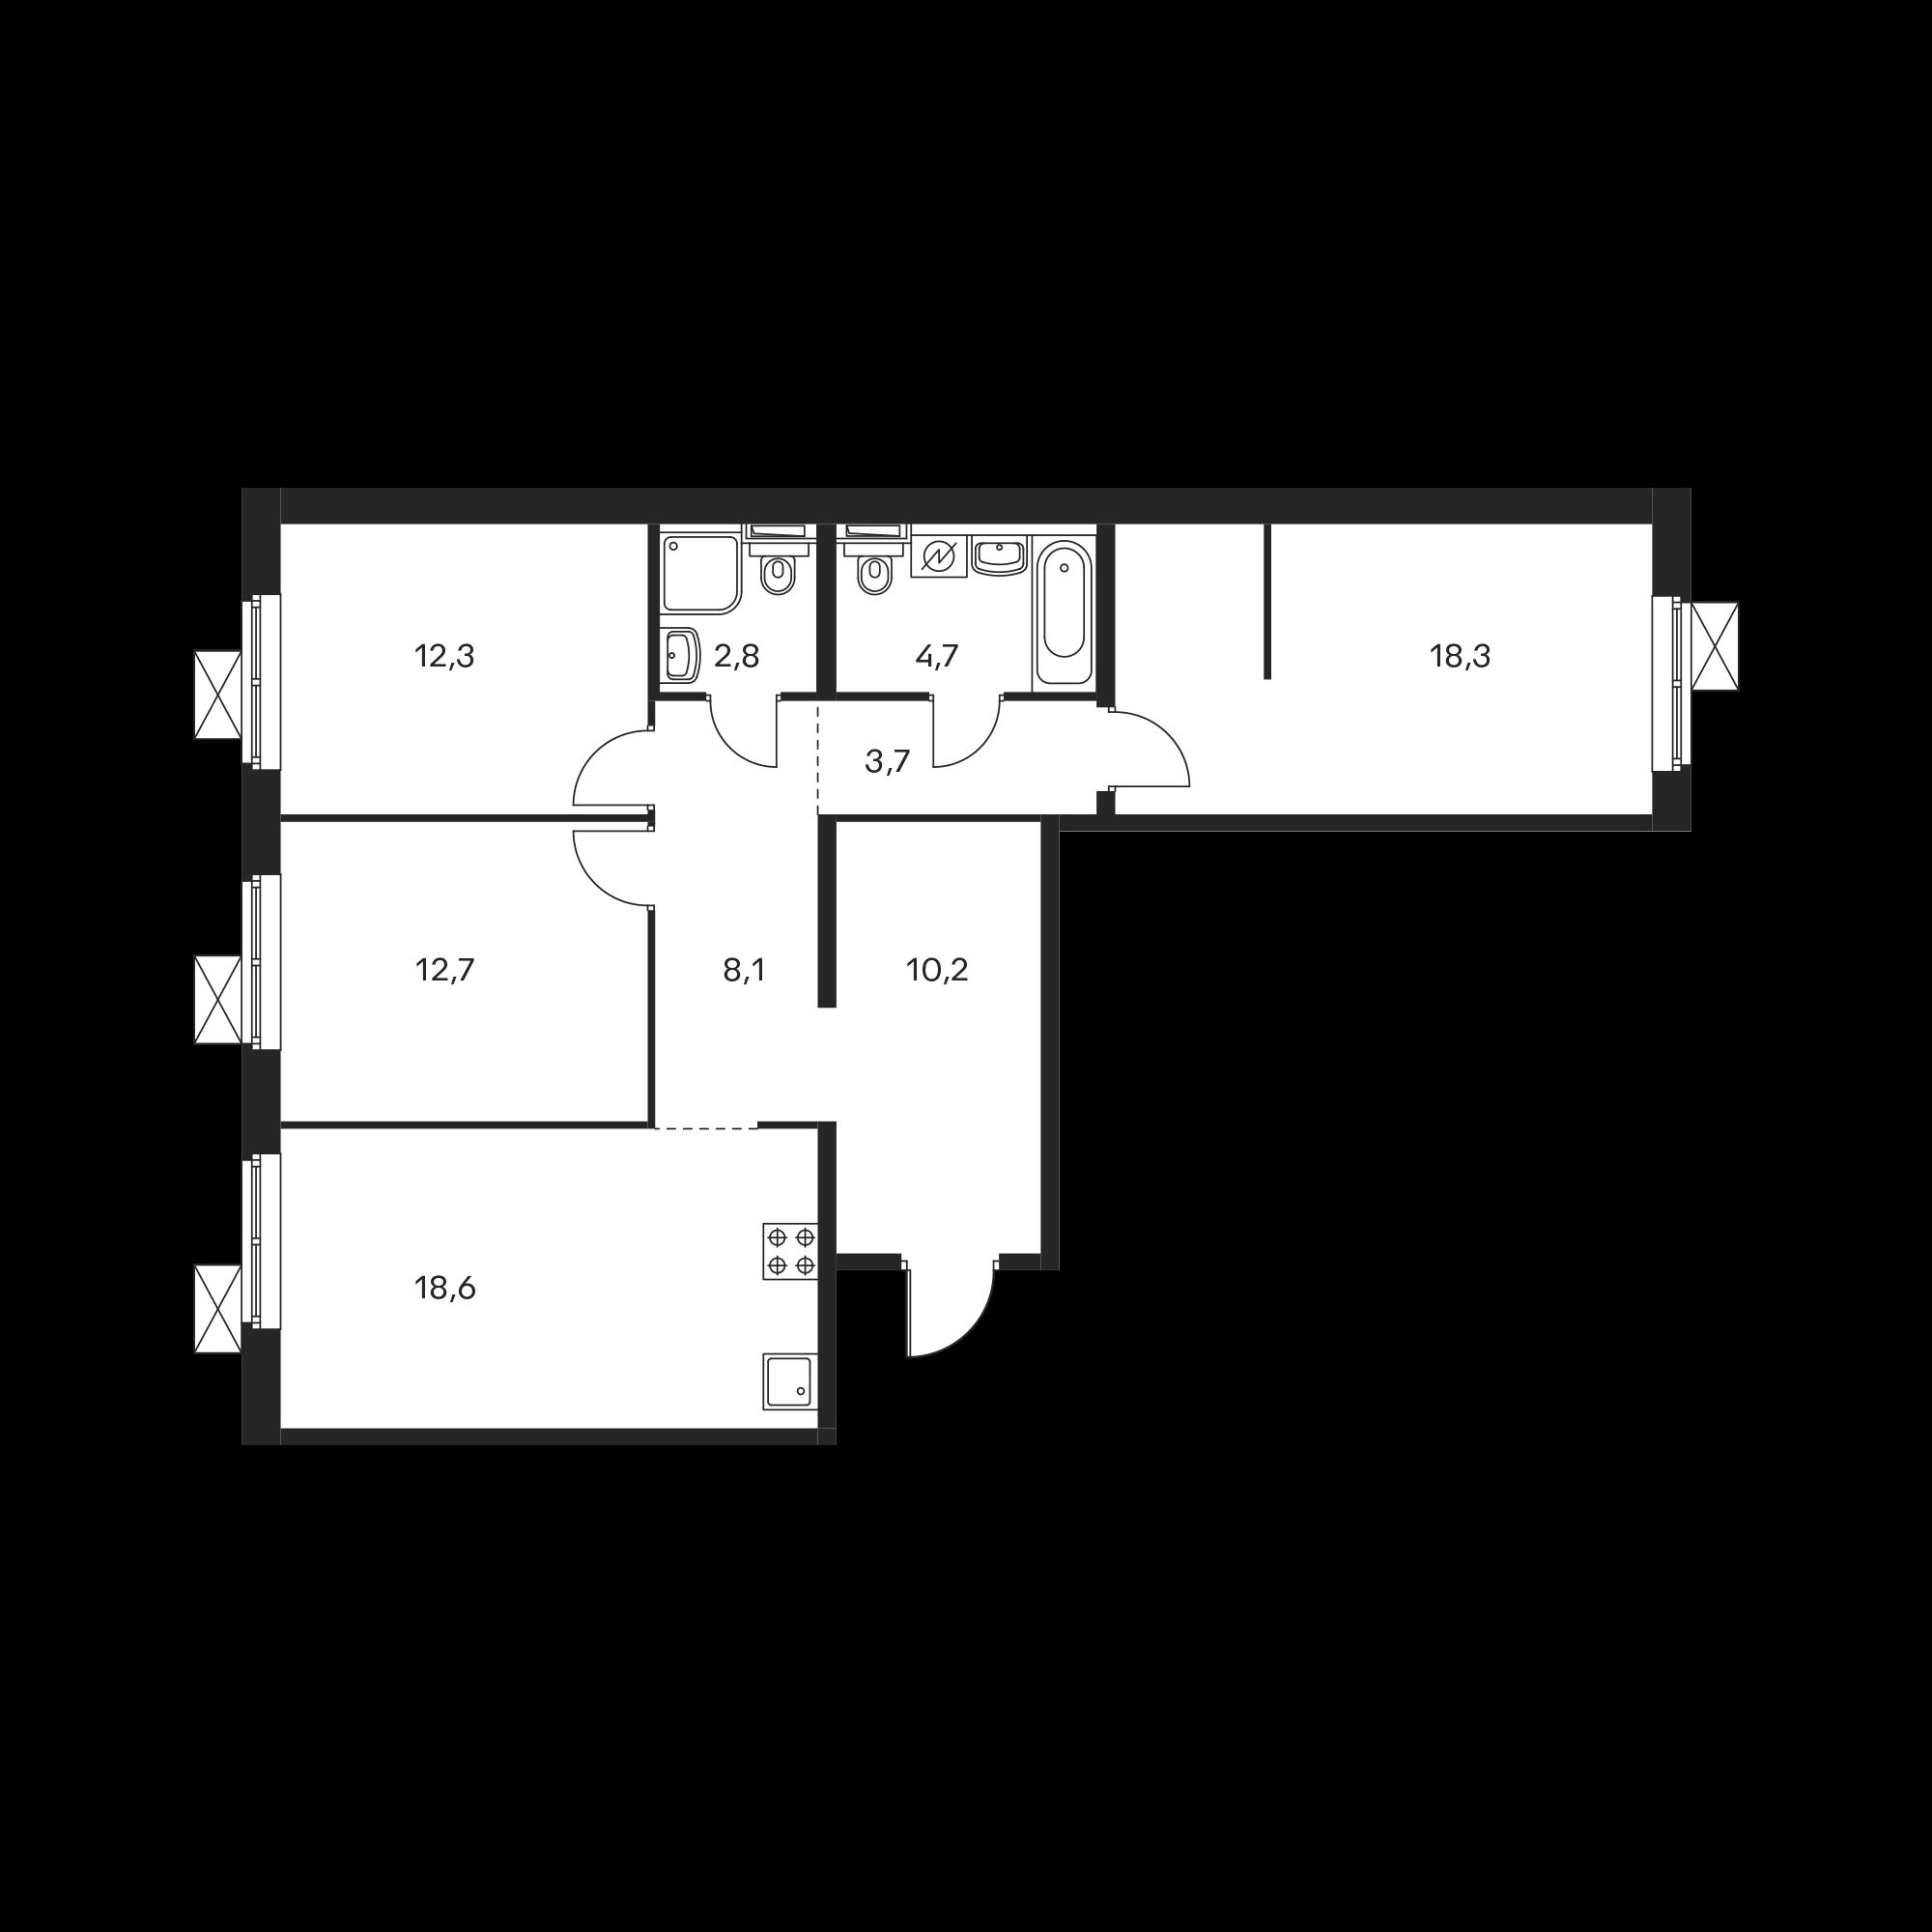 3EL4_9.9-1_S_Z